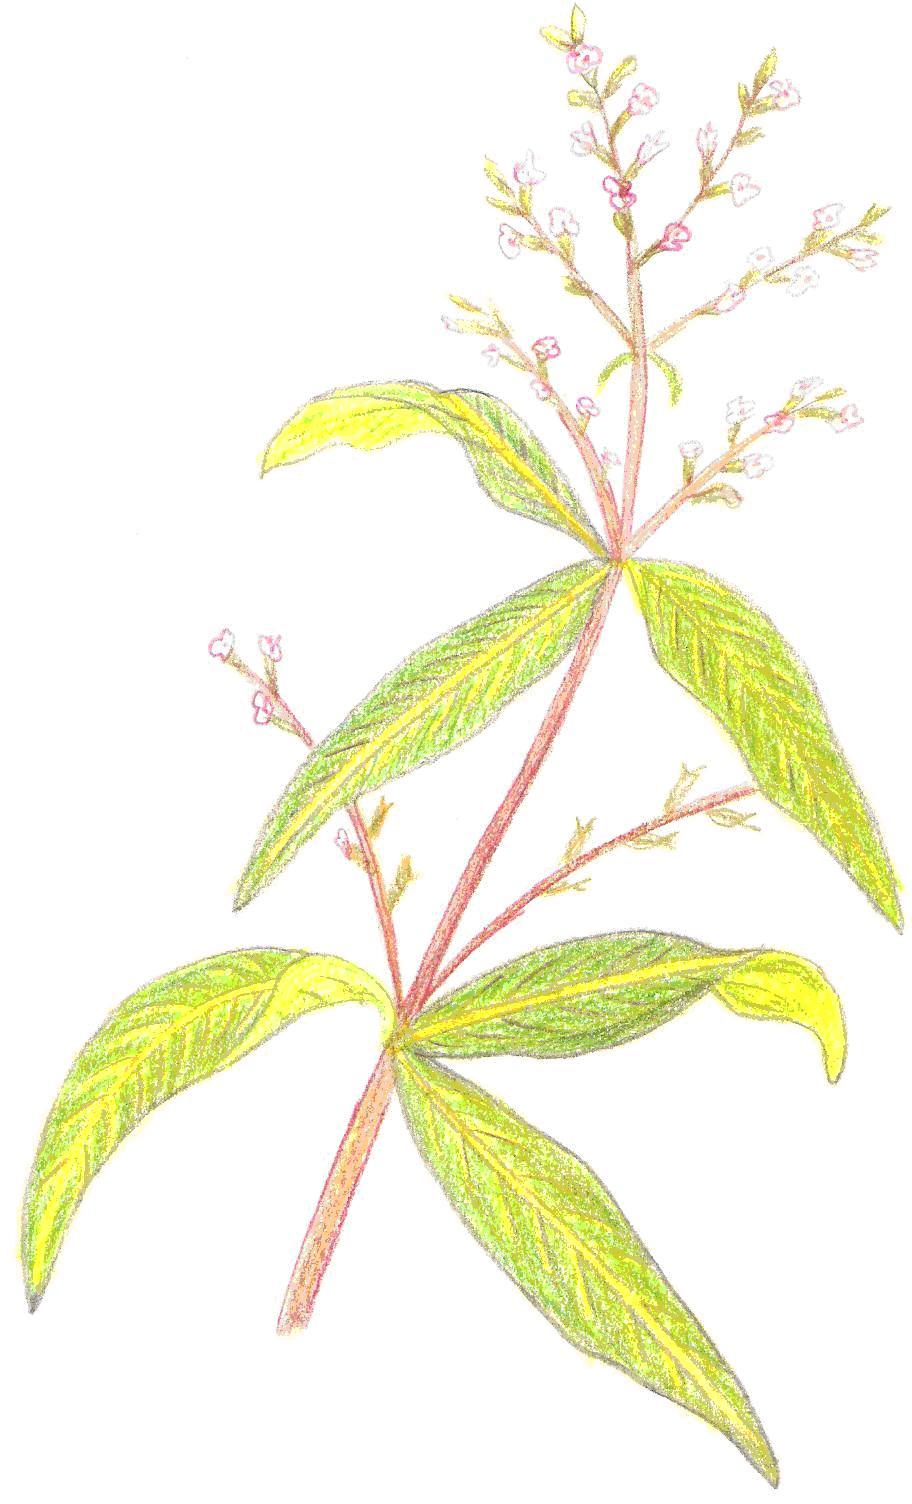 Plantas arom ticas condimentarias y medicinales hierba for Salsa de hierba luisa